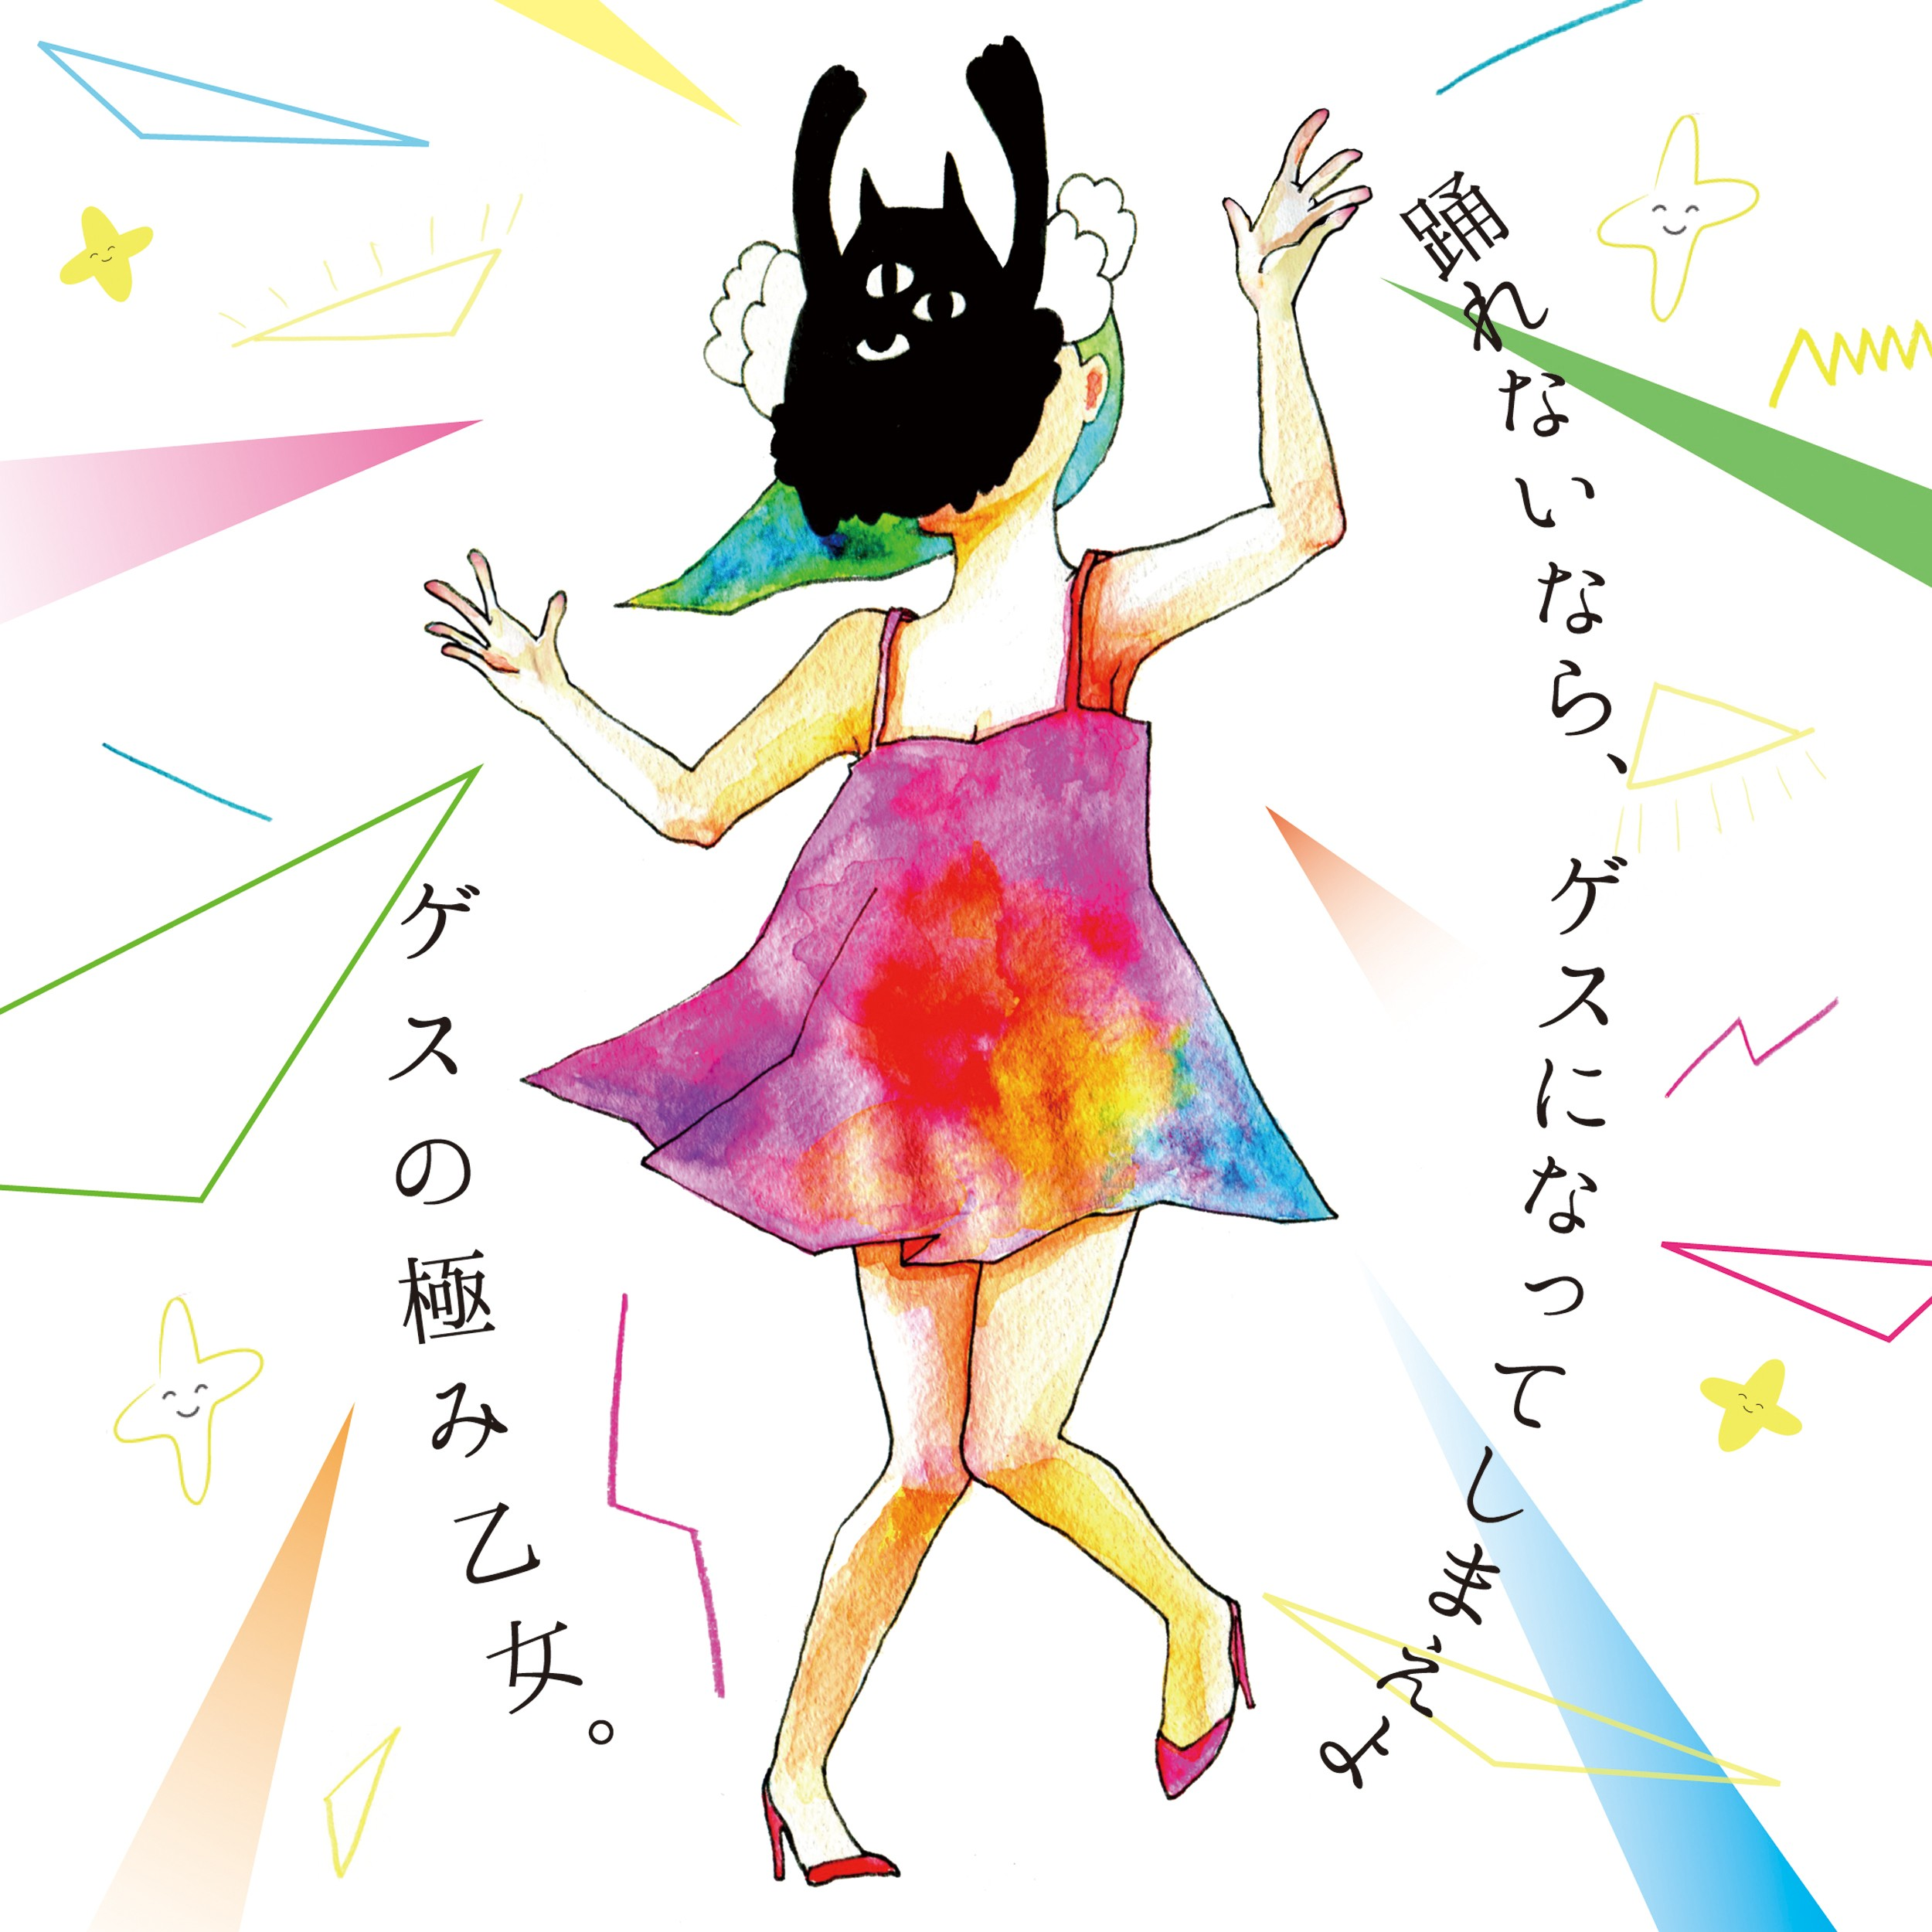 Image of 踊れないなら、ゲスになってしまえよ / ゲスの極み乙女。